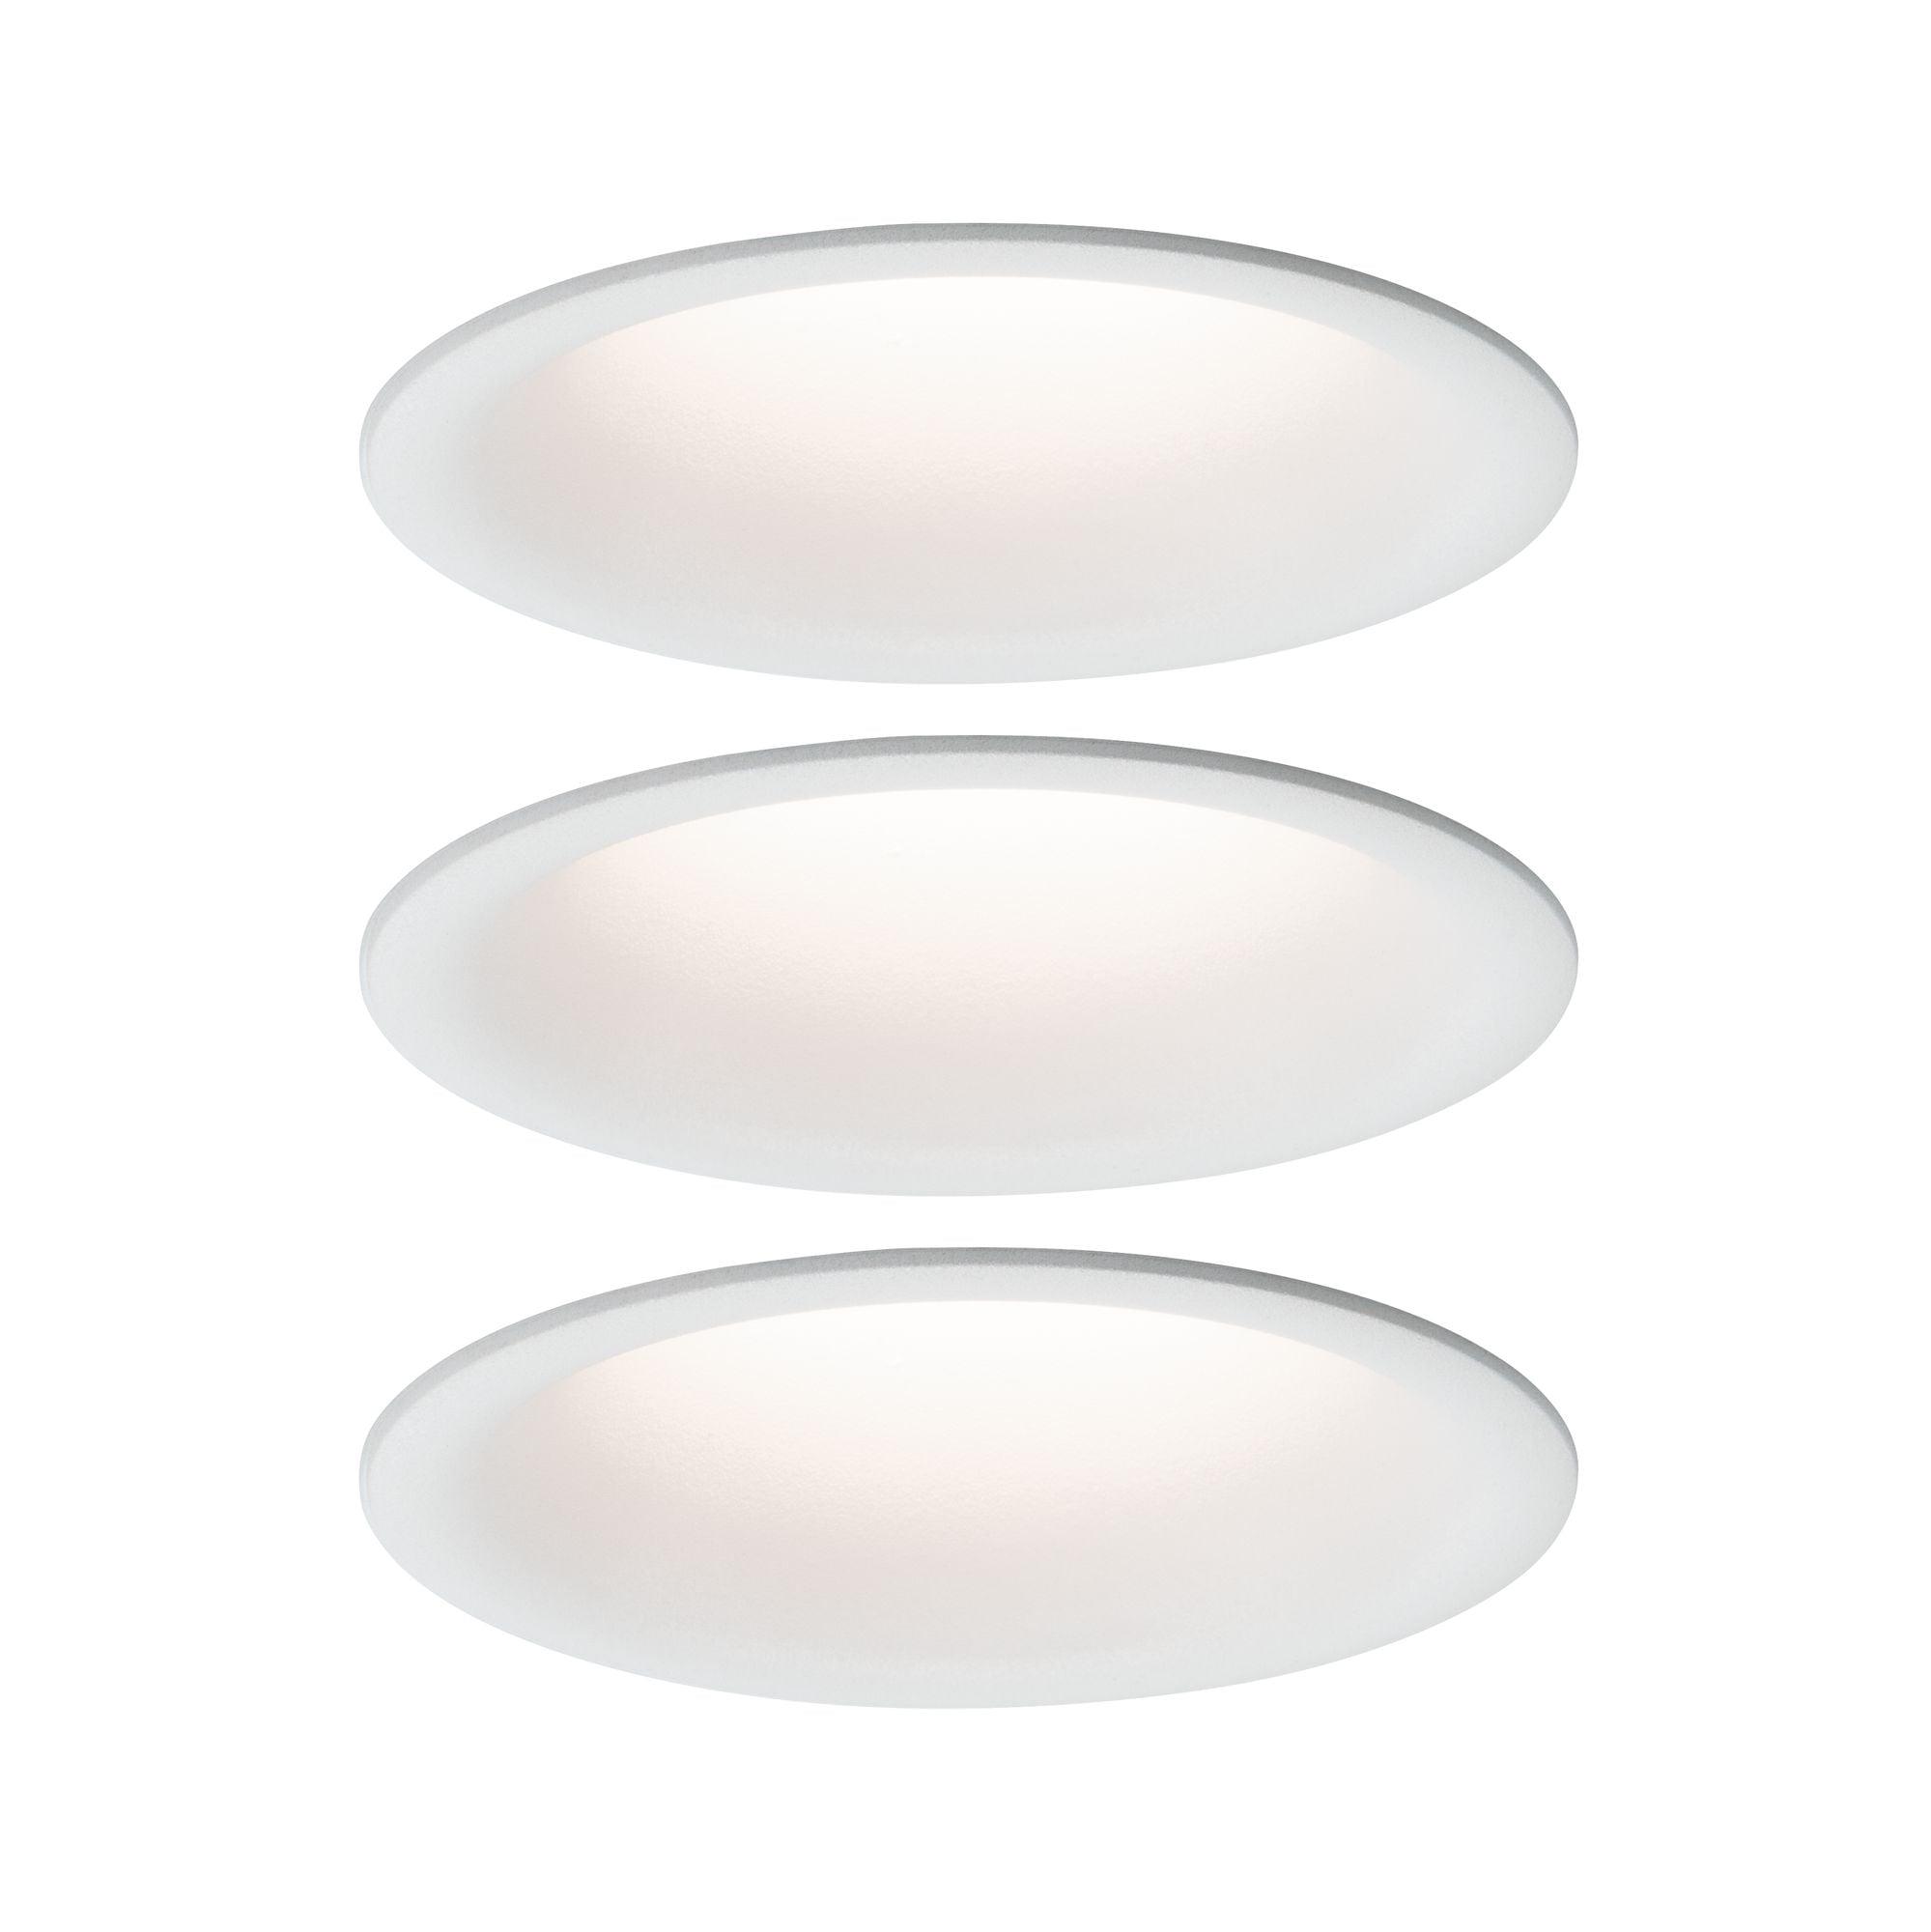 Paulmann LED Einbaustrahler Cymbal 3x6,8W Weiß matt blendfrei dimmbar starr, Warmweiß